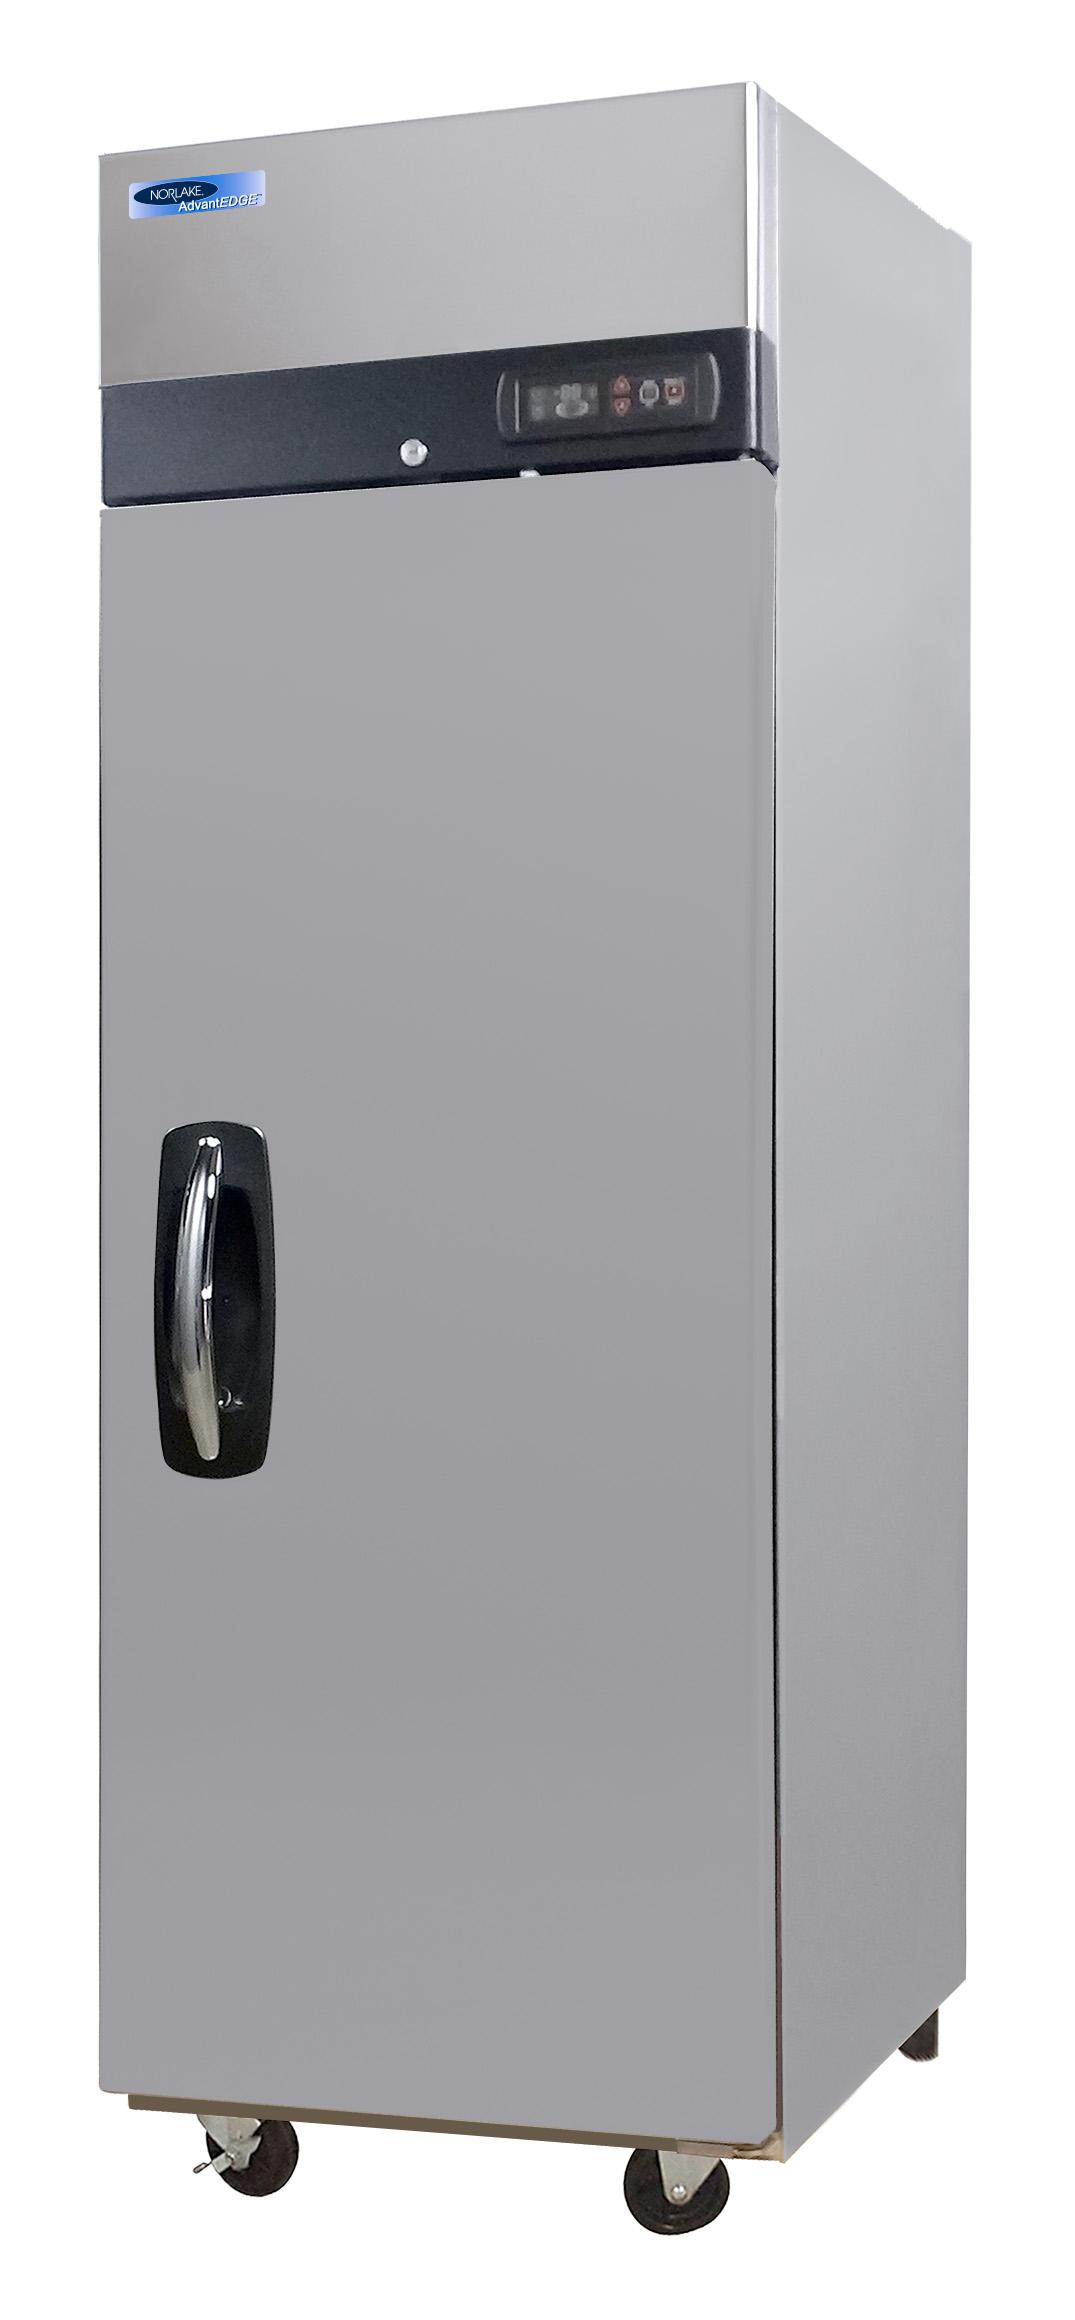 Nor-Lake NLTF23-S freezer, full solid door, 1 door